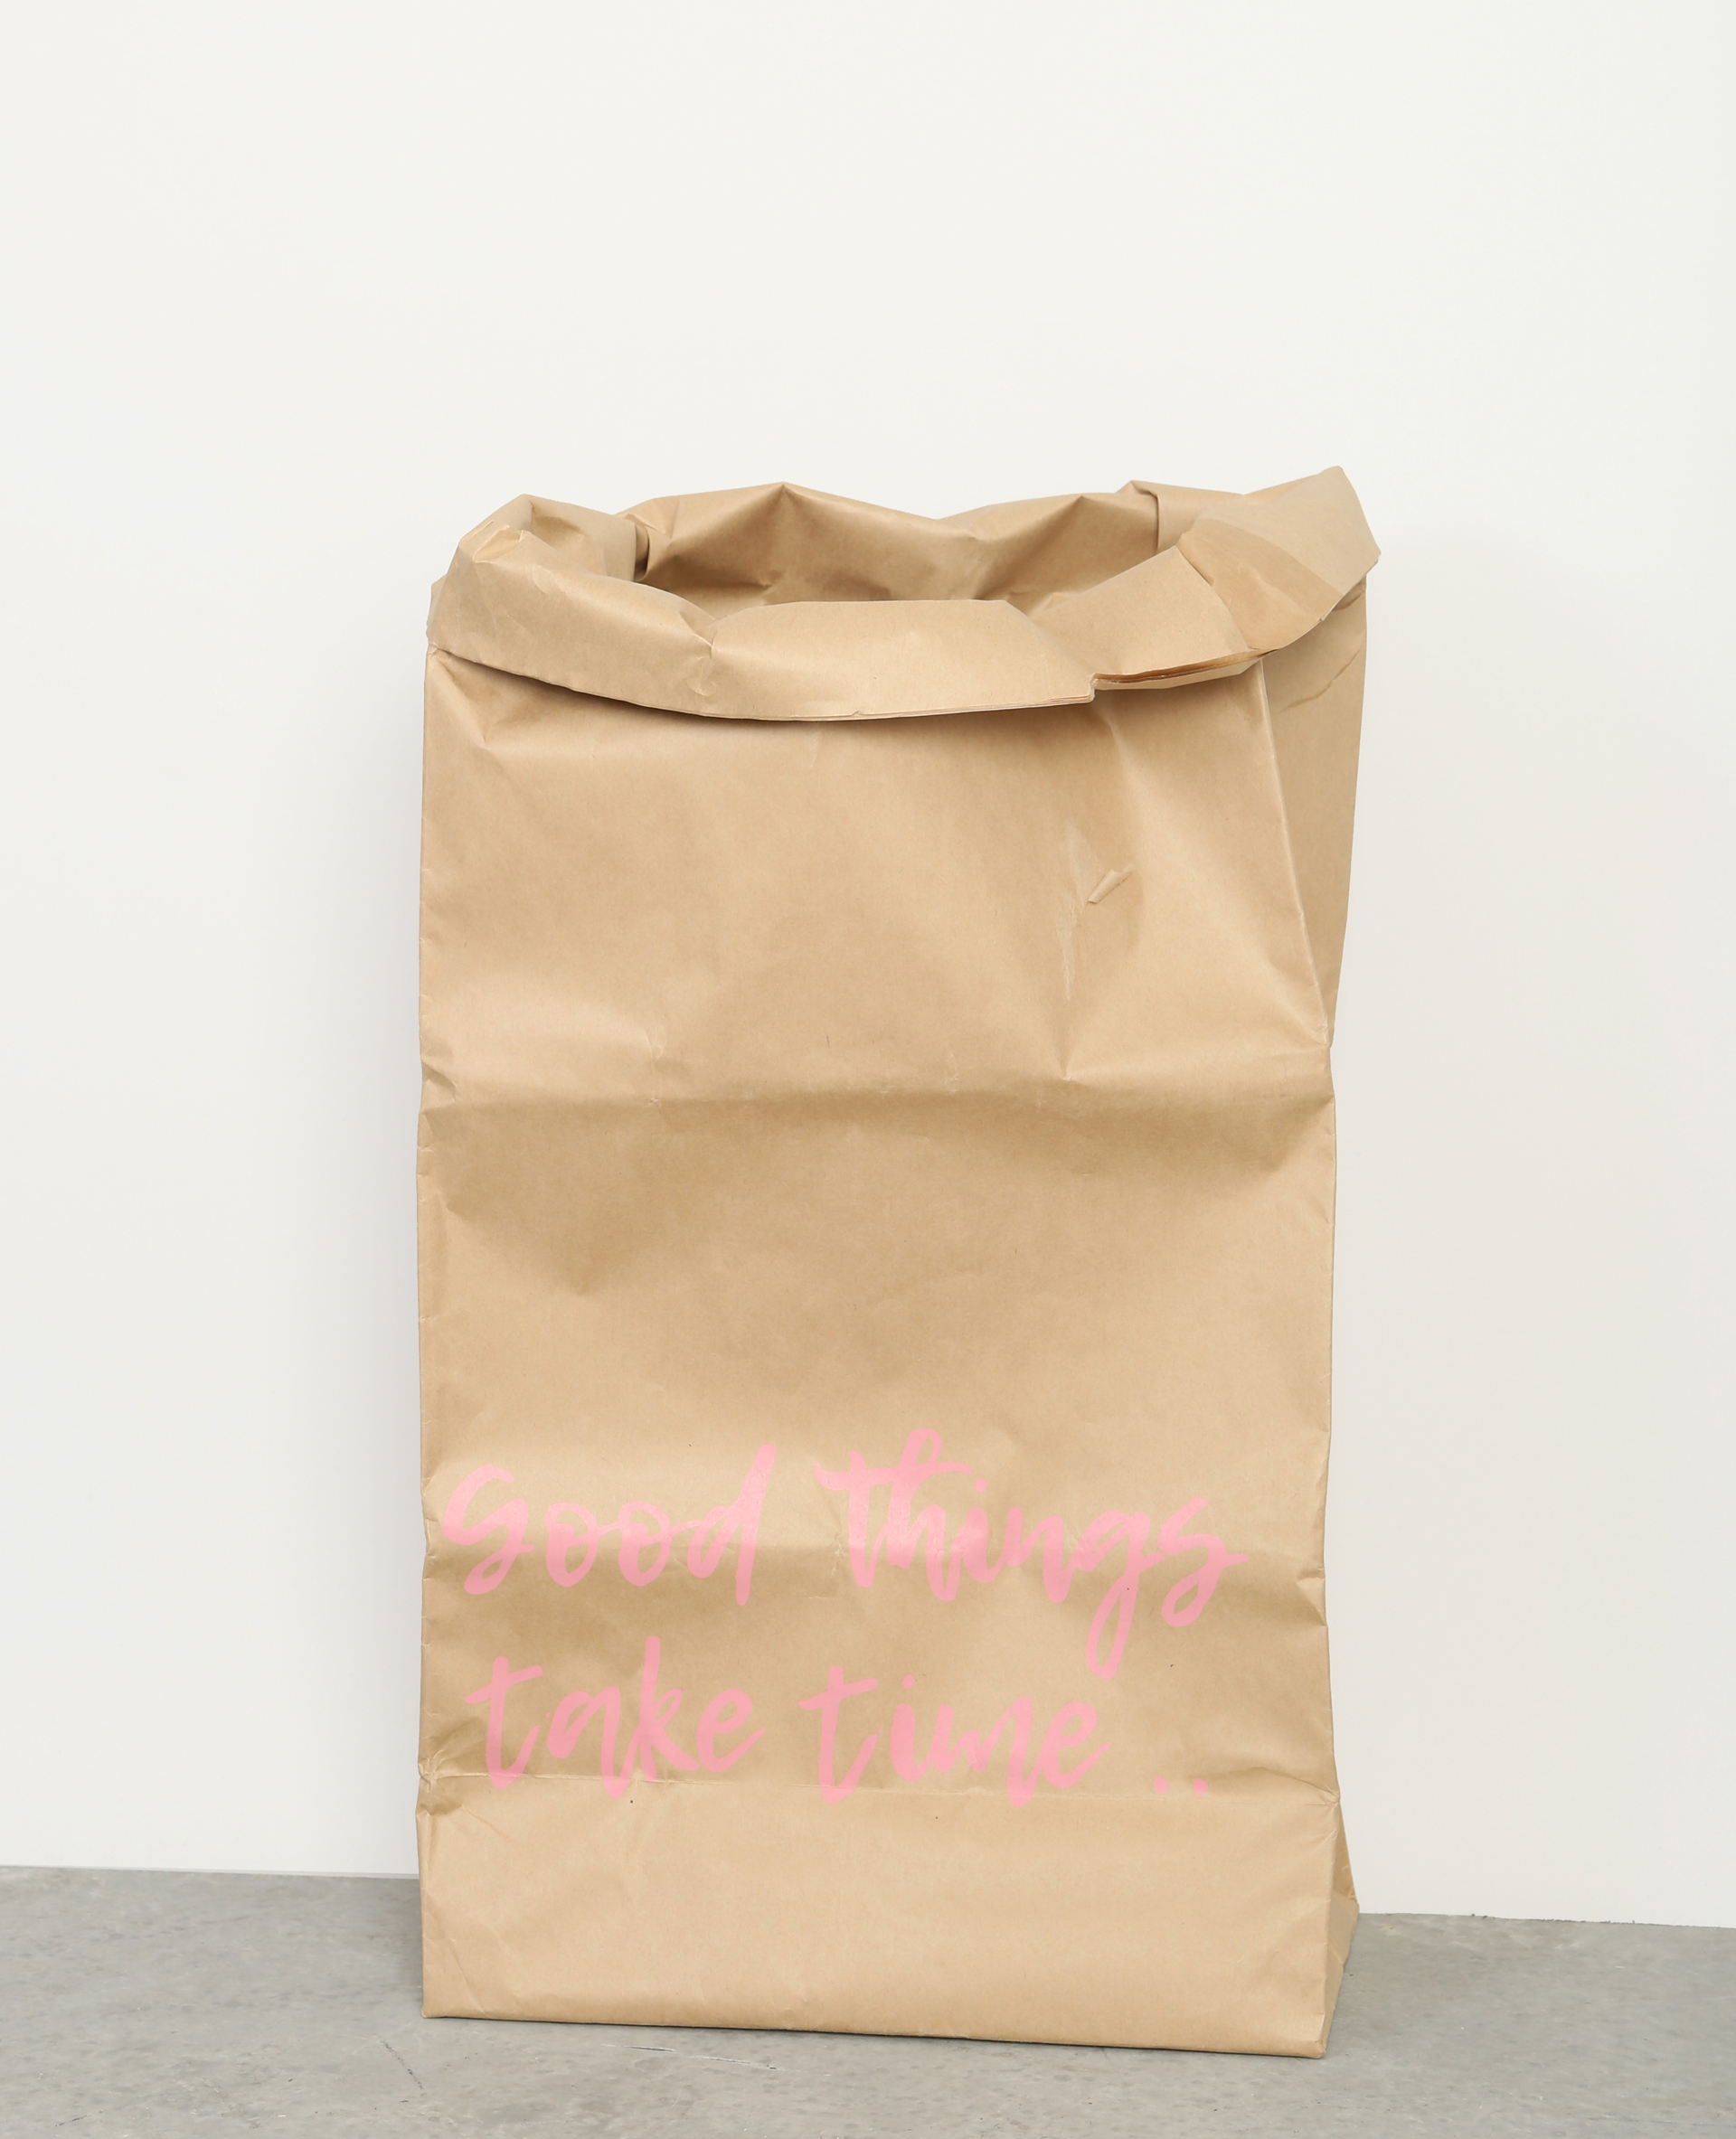 Grote Papieren Tas : Grote papieren tas met opschrift bruin a pimkie